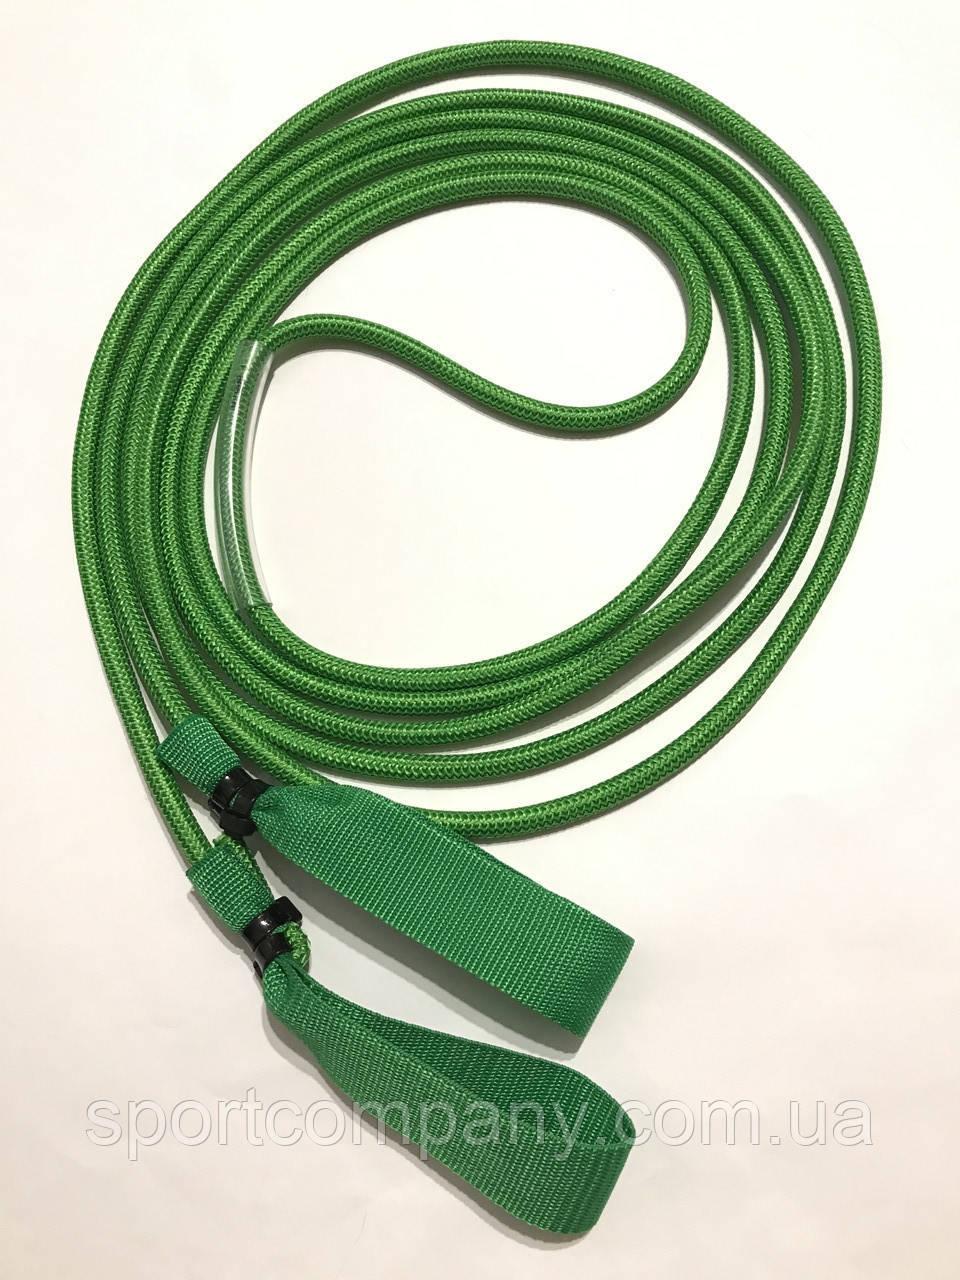 Эспандер для лыжника, боксера, пловца и фитнеса с ручками 10 мм, зеленый, 5 метров